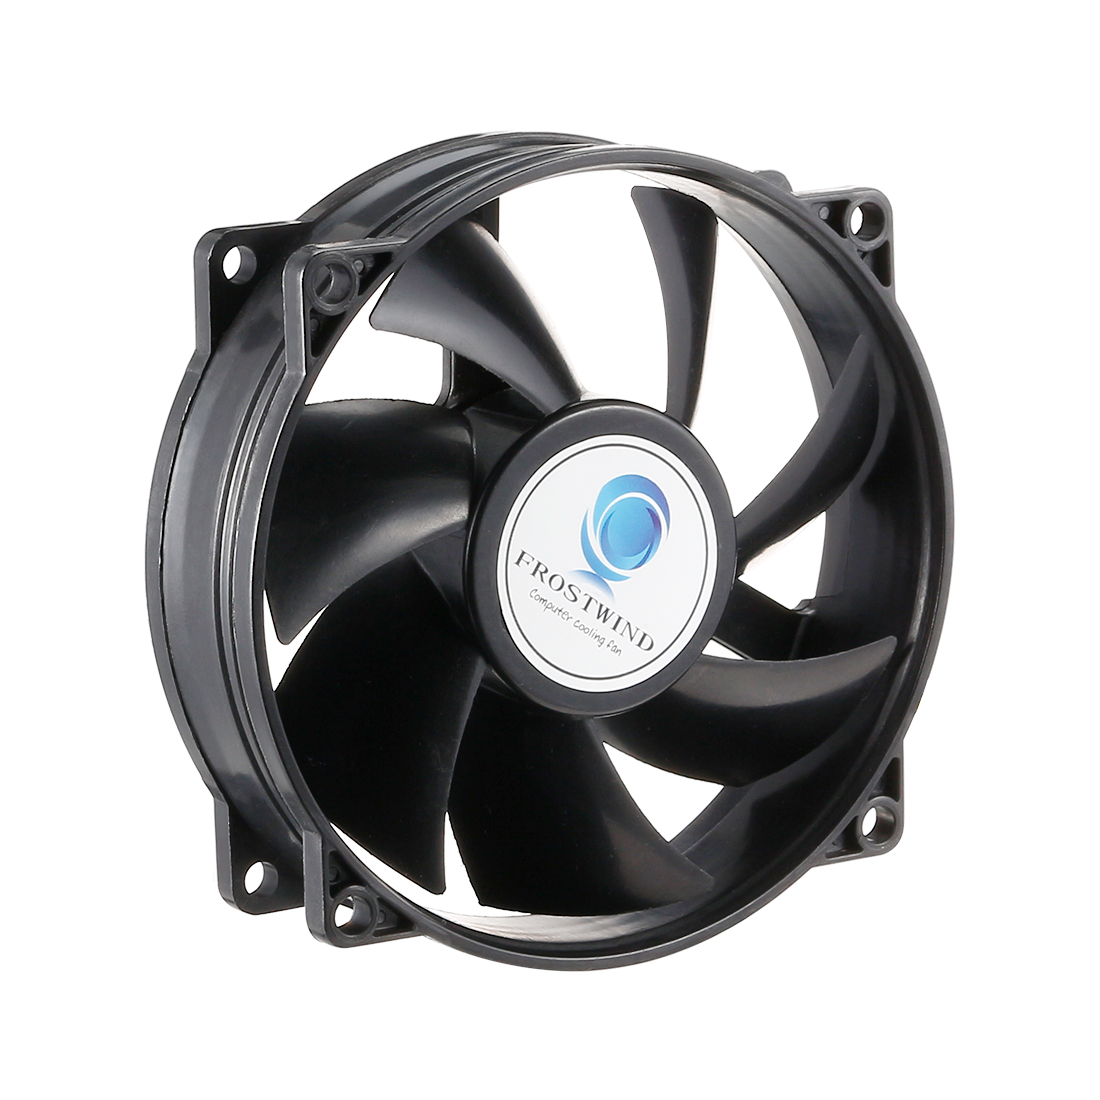 50mm x 50mm x 10mm 12V DC Cooling Fan Dual Ball Bearing Computer Case Fan